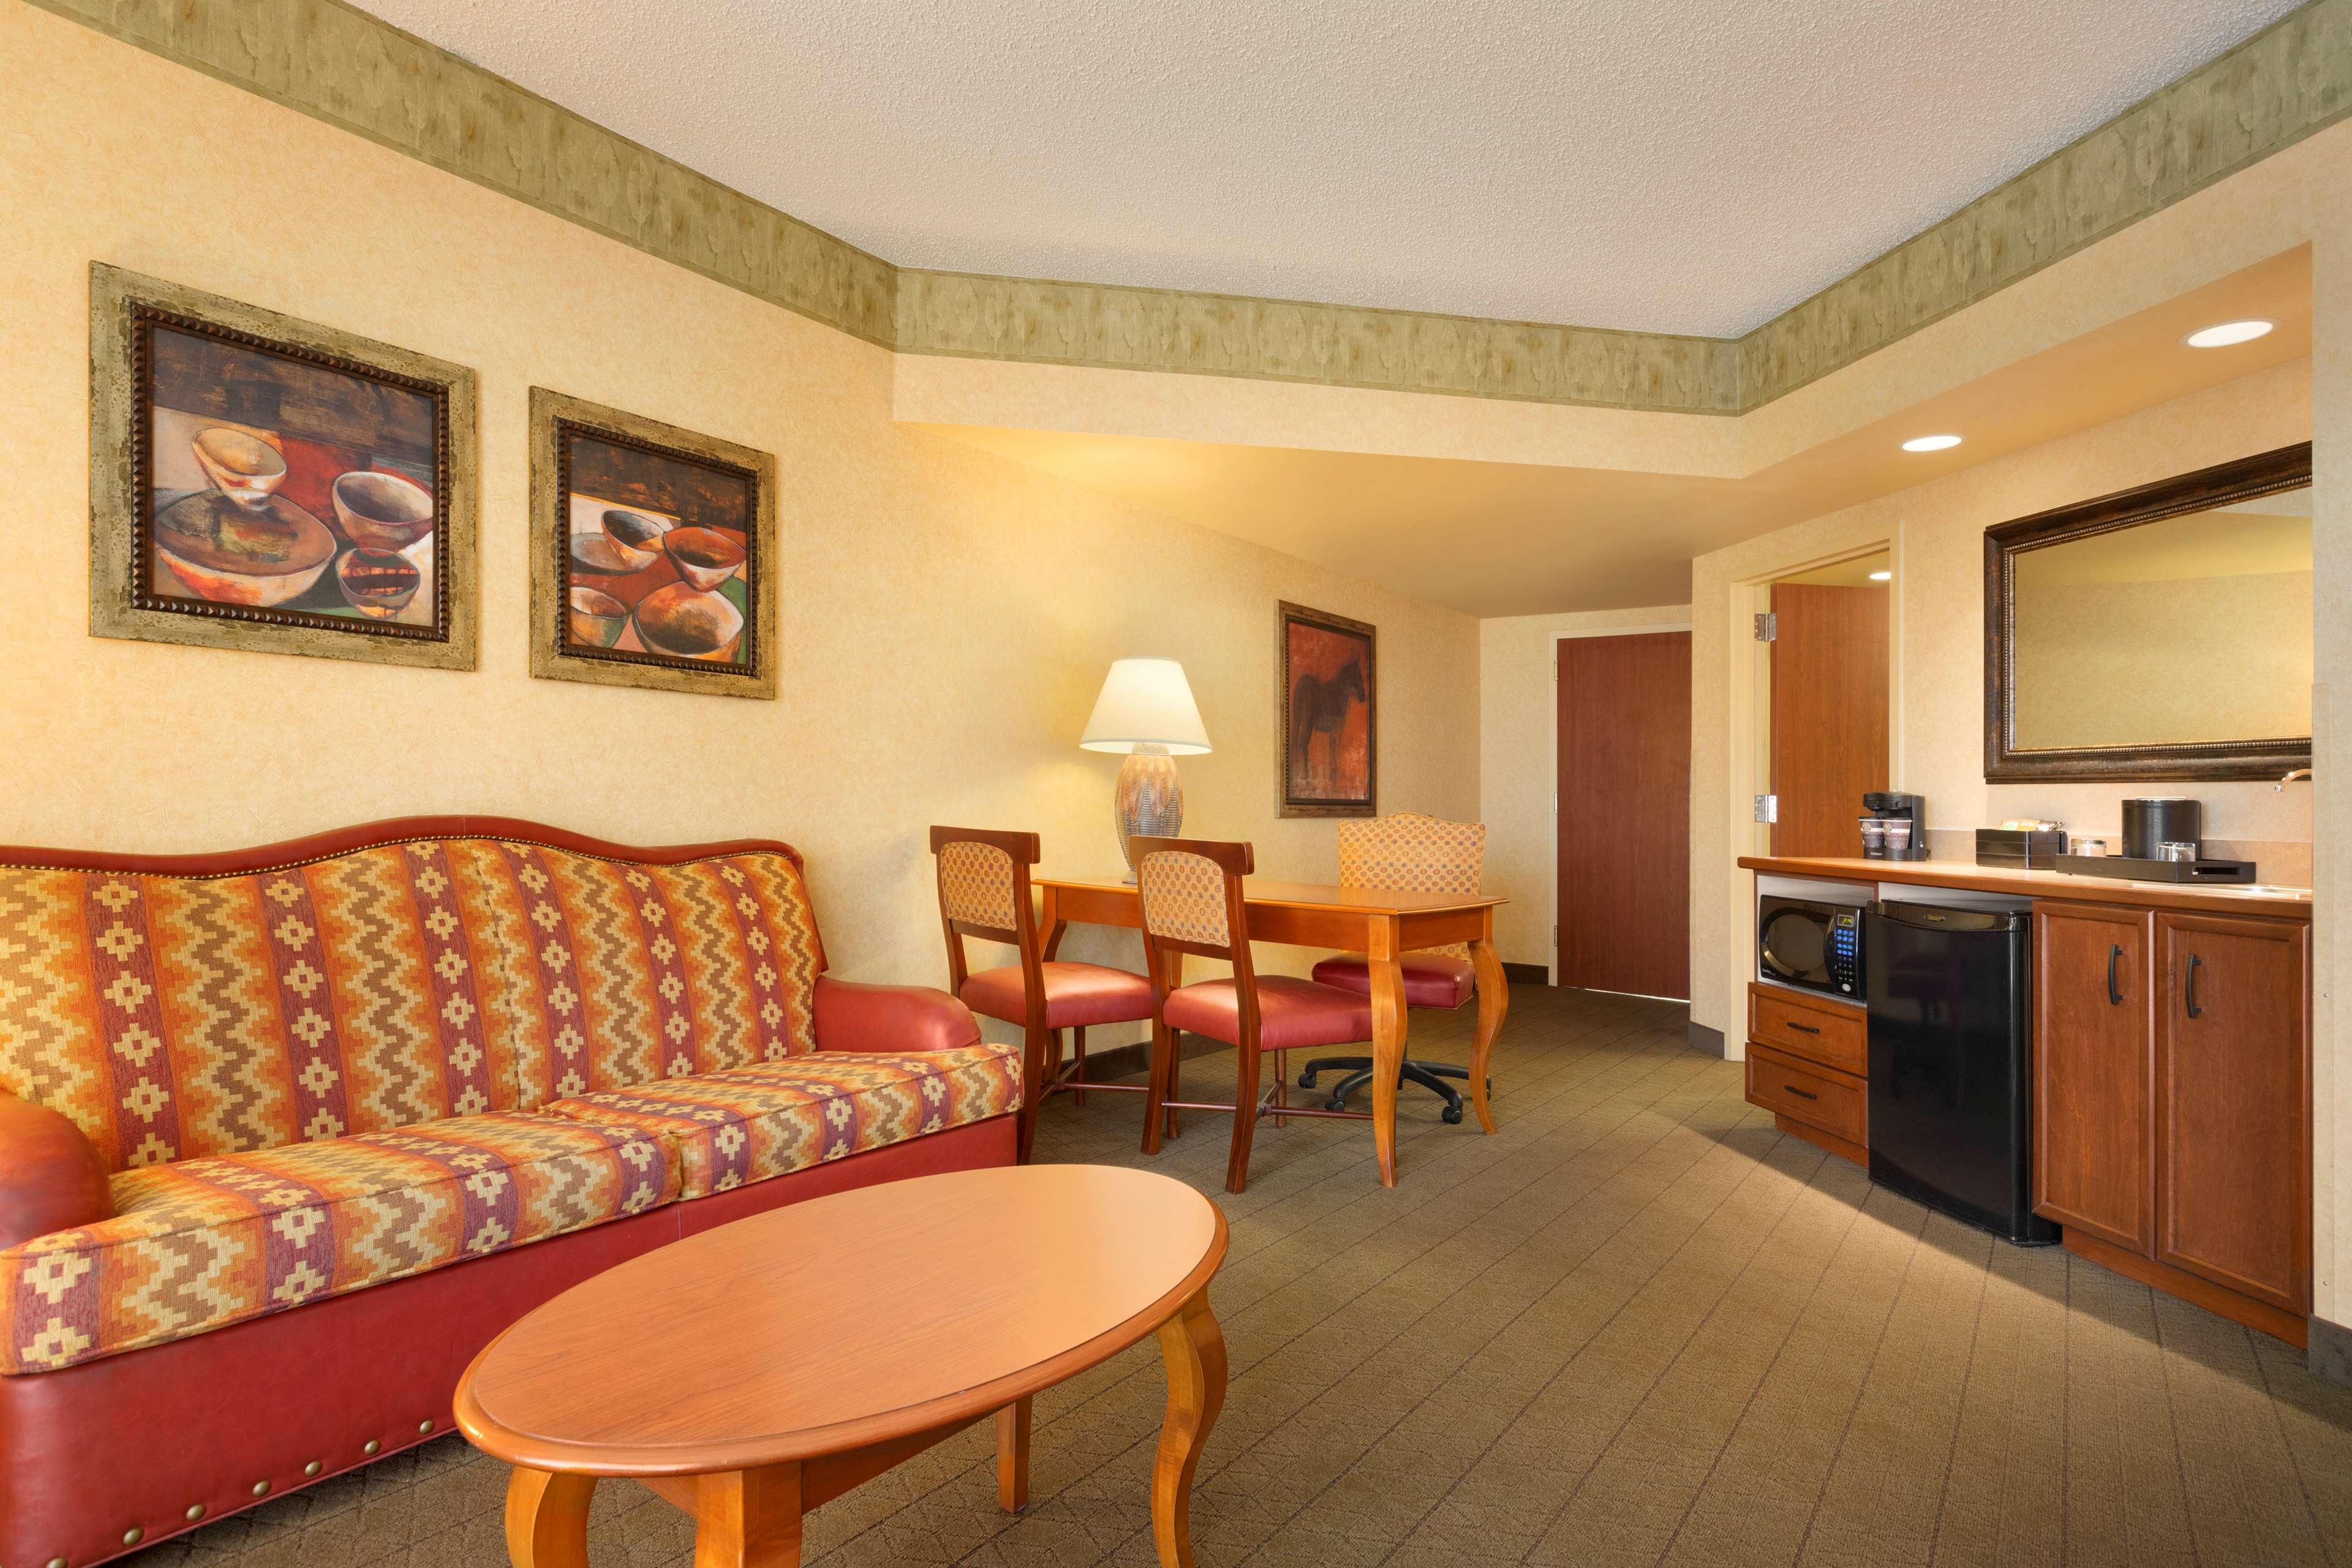 Embassy Suites Hotel And Spa Albuquerque